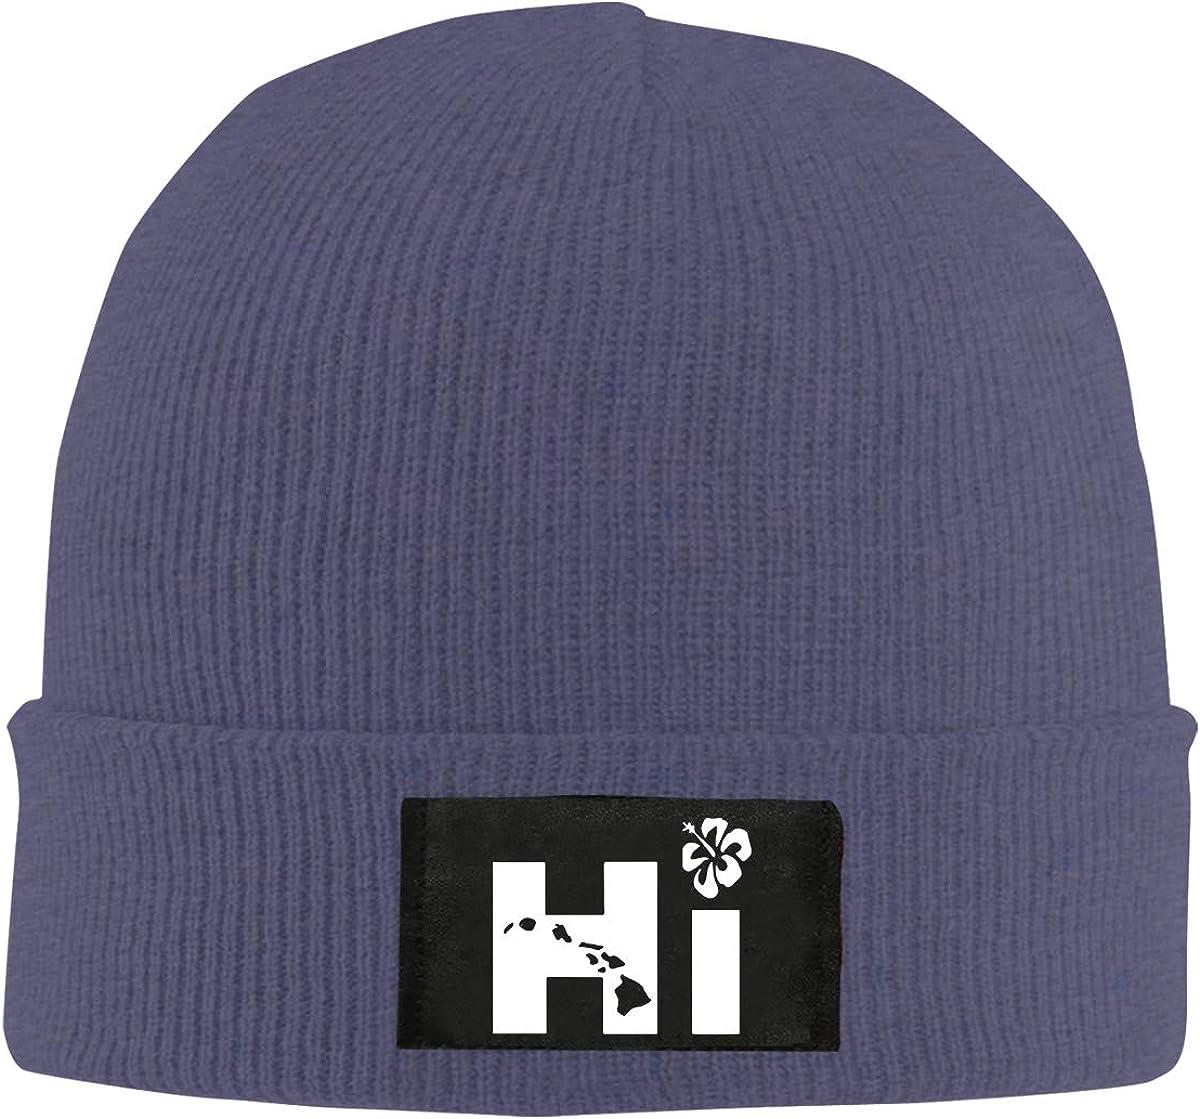 100/% Acrylic Trendy Skull Cap BF5Y6z/&MA Mens and Womens Hi Hawaiian Knit Cap